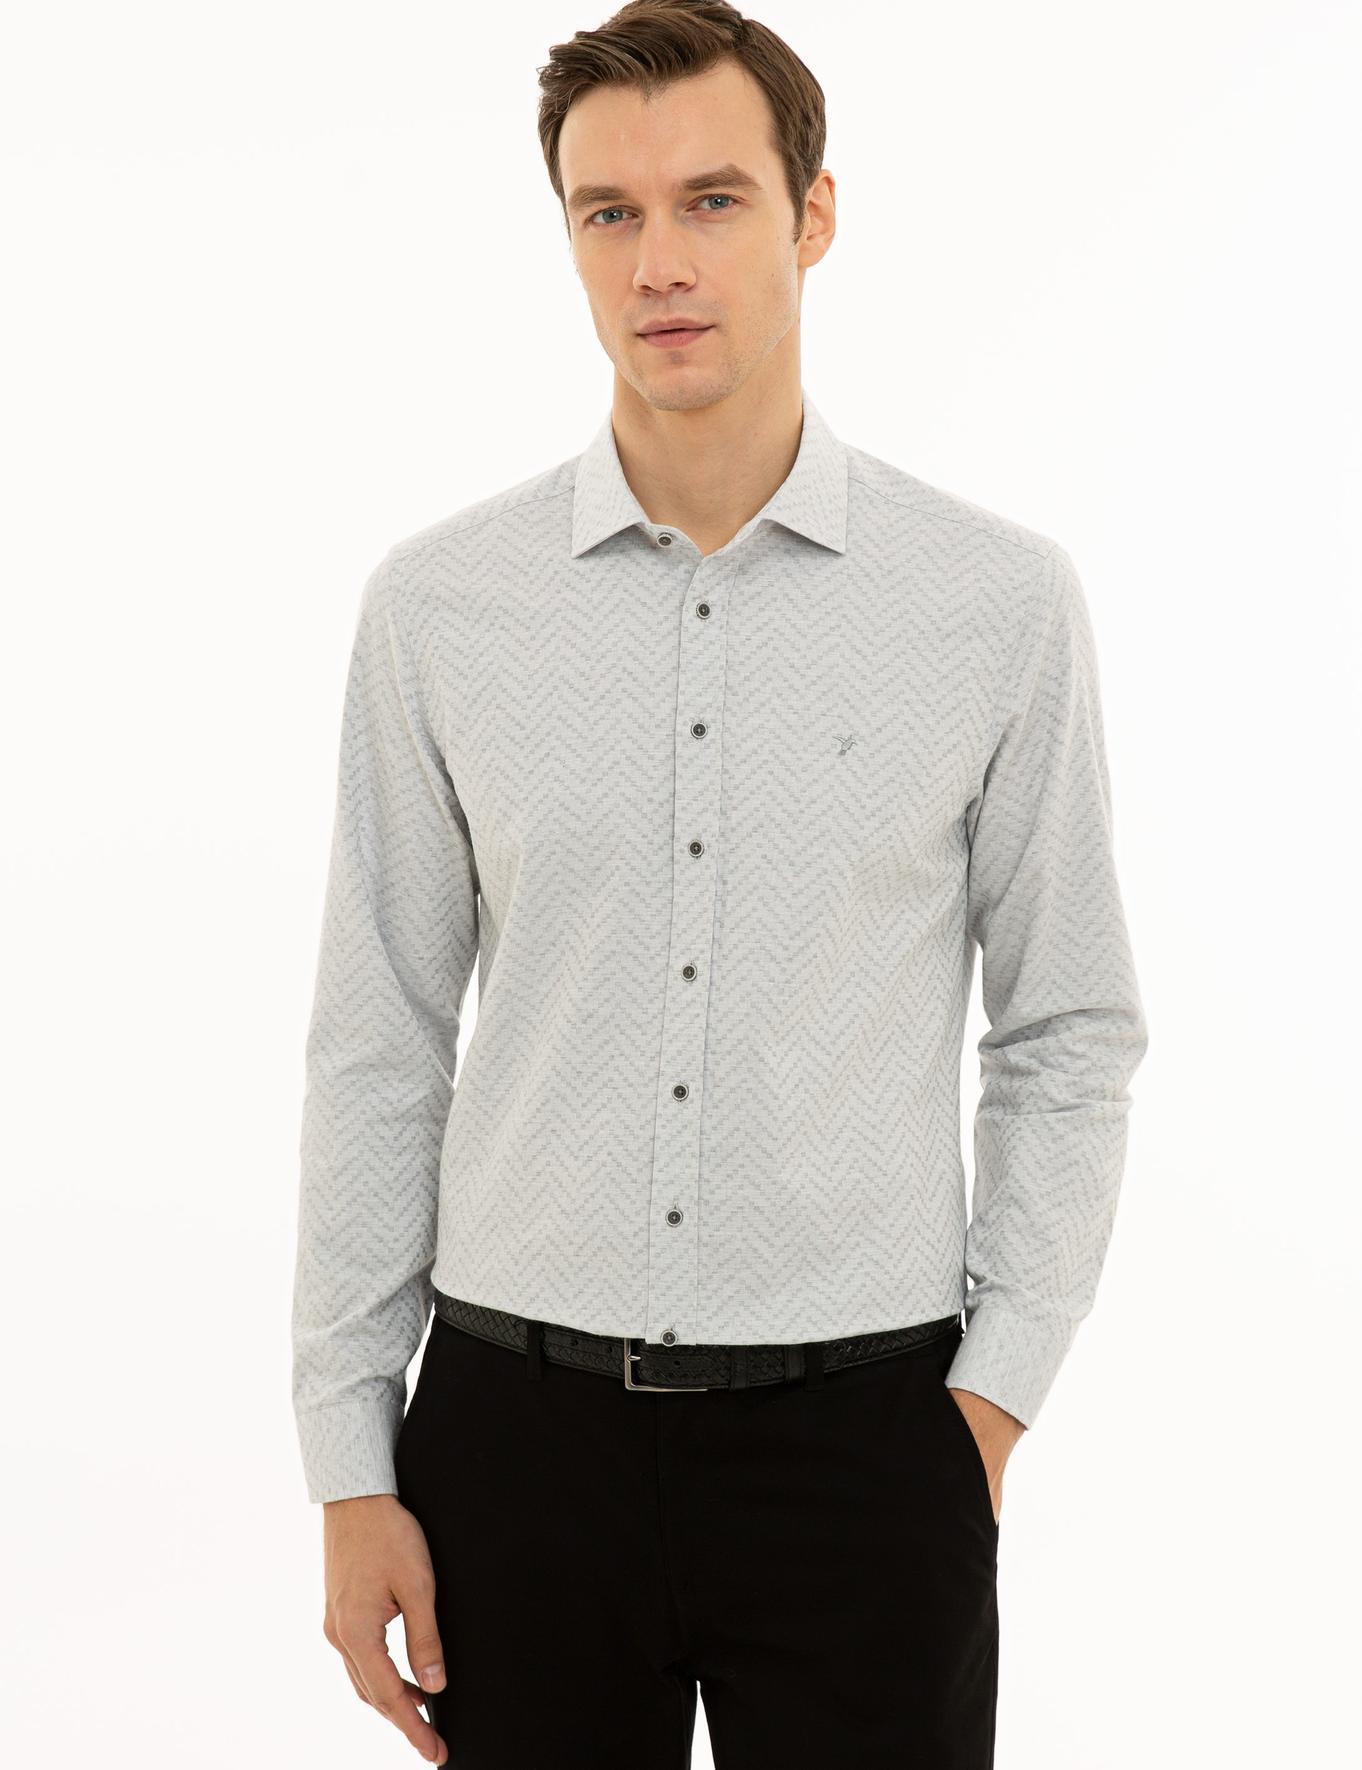 Açık Gri Slim Fit Gömlek - 50228163005